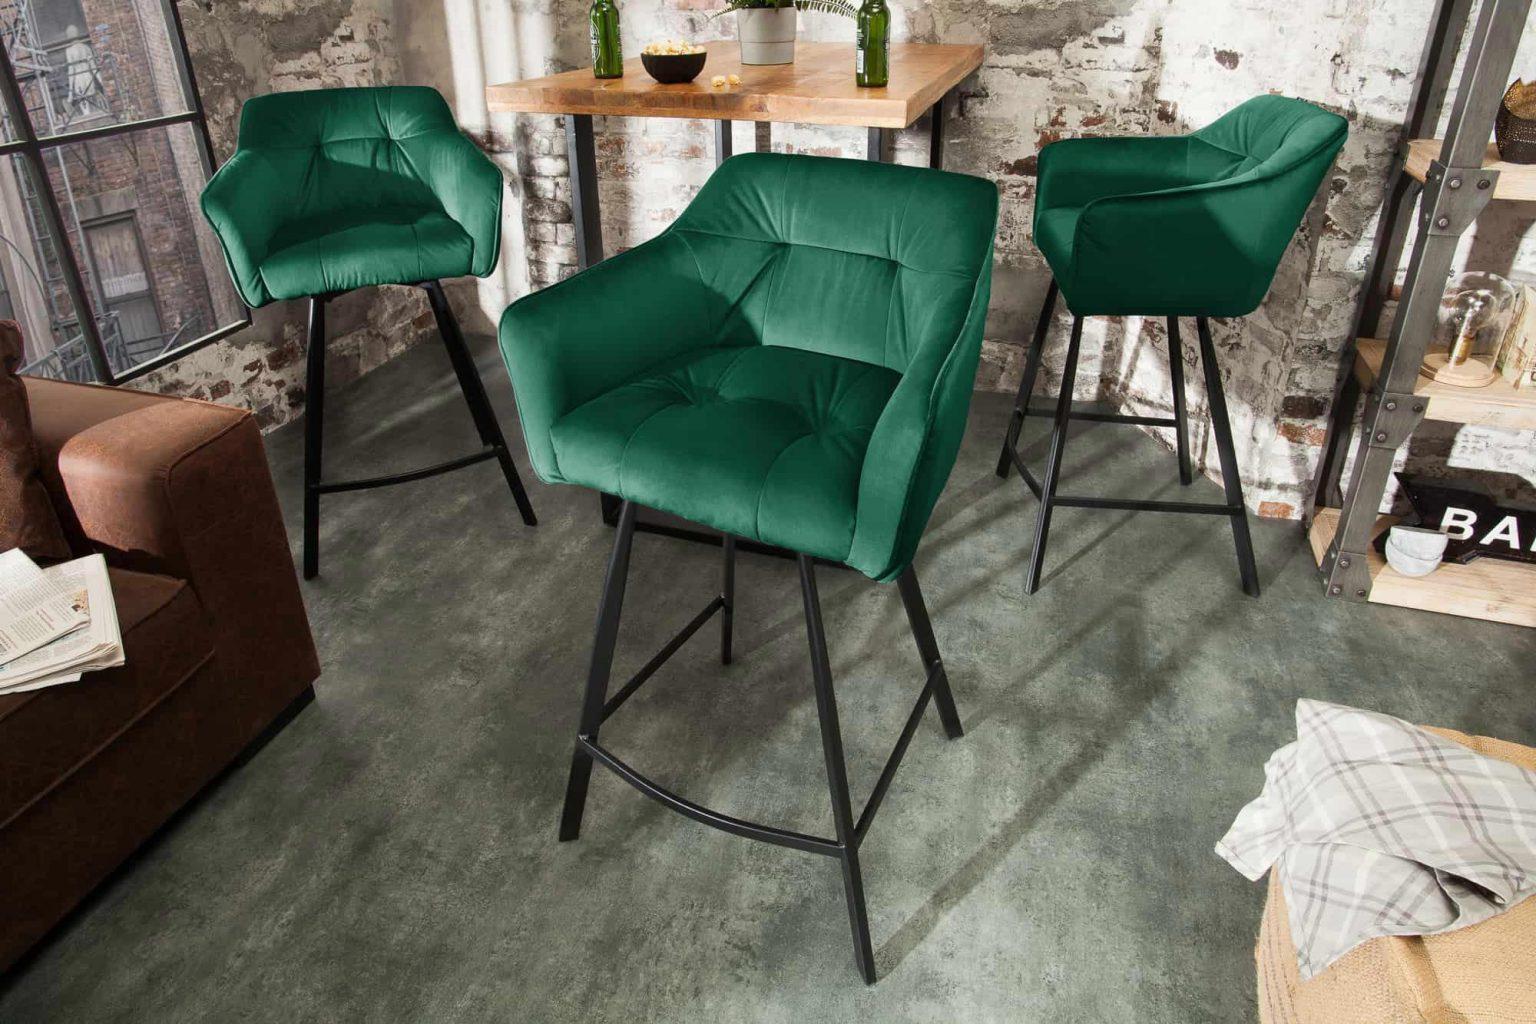 Ak máte radi moderný štýl, tak tieto barové stoličky by vám doma určite nemali chýbať. Zdroj: iKuchyne.sk